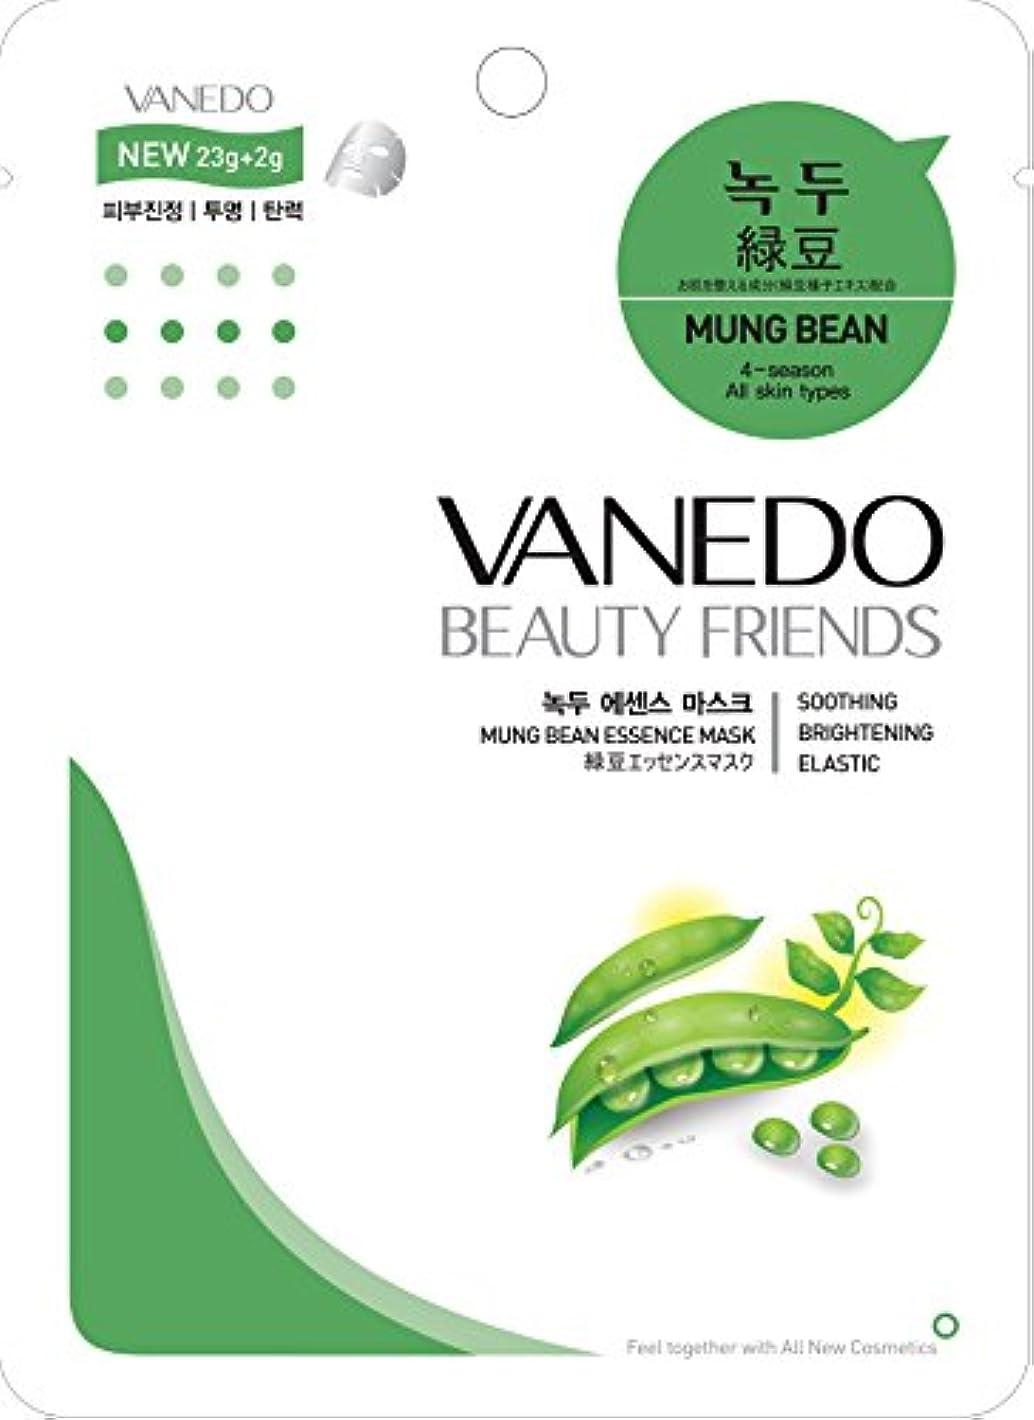 ソーダ水身元酸【VANEDO】バネド シートマスク 緑豆 10枚セット/エッセンス/保湿/フェイスマスク/フェイスパック/マスクパック/韓国コスメ [メール便]